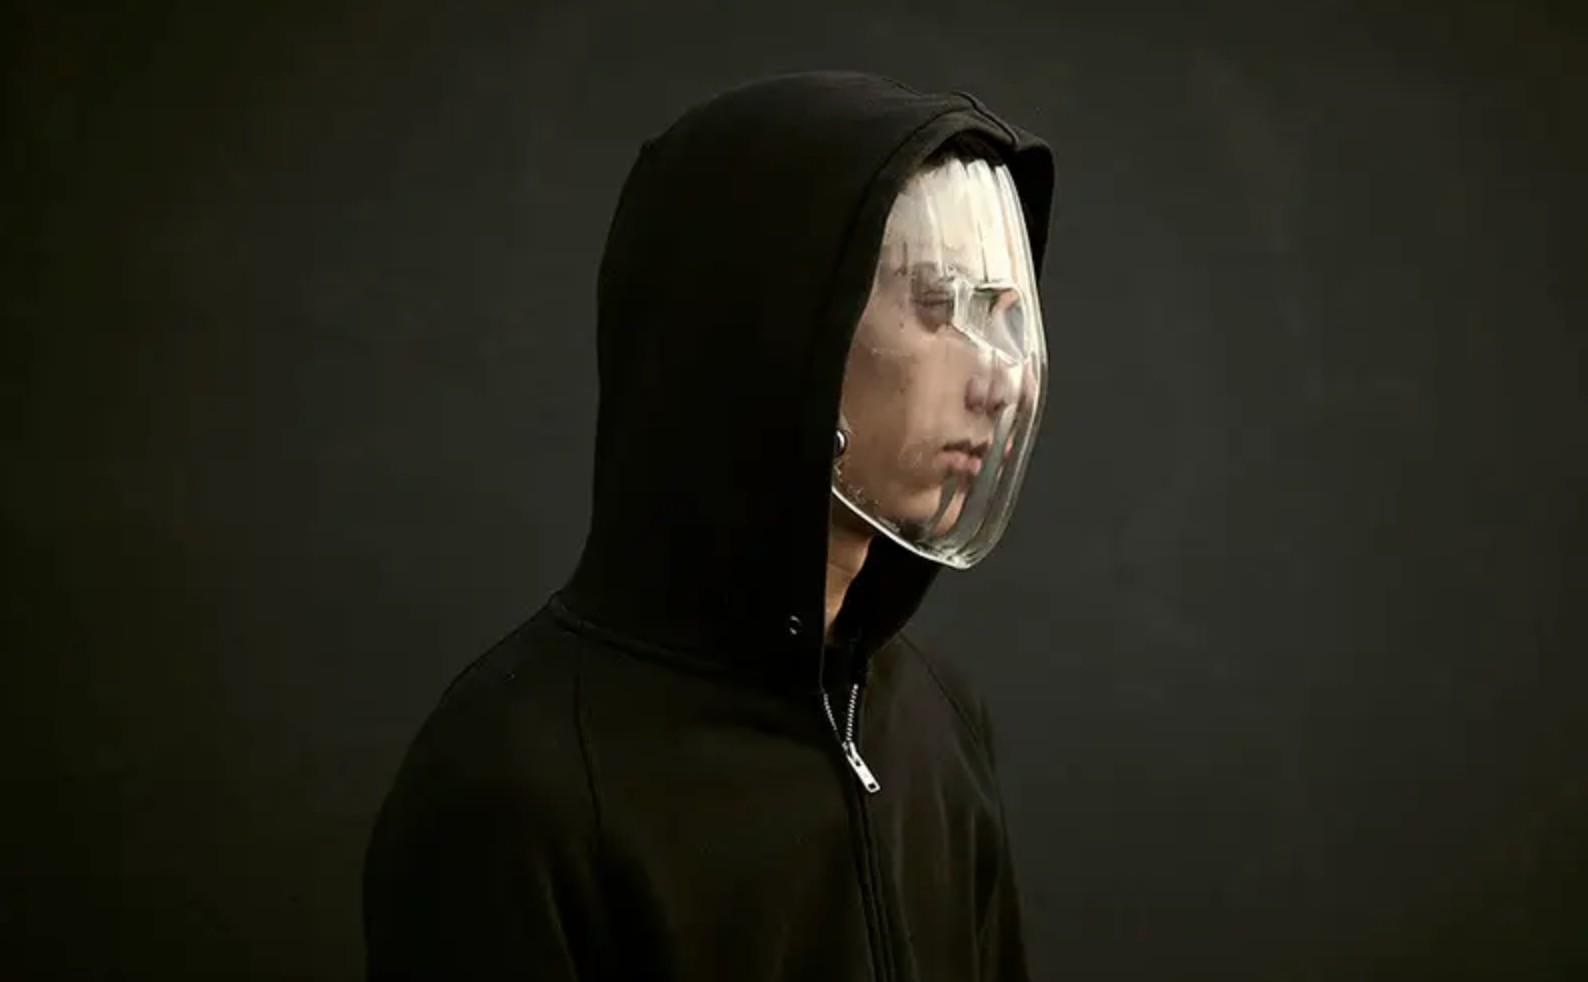 Engañar a los sistemas de reconocimiento facial es (relativamente) fácil si sabes cómo